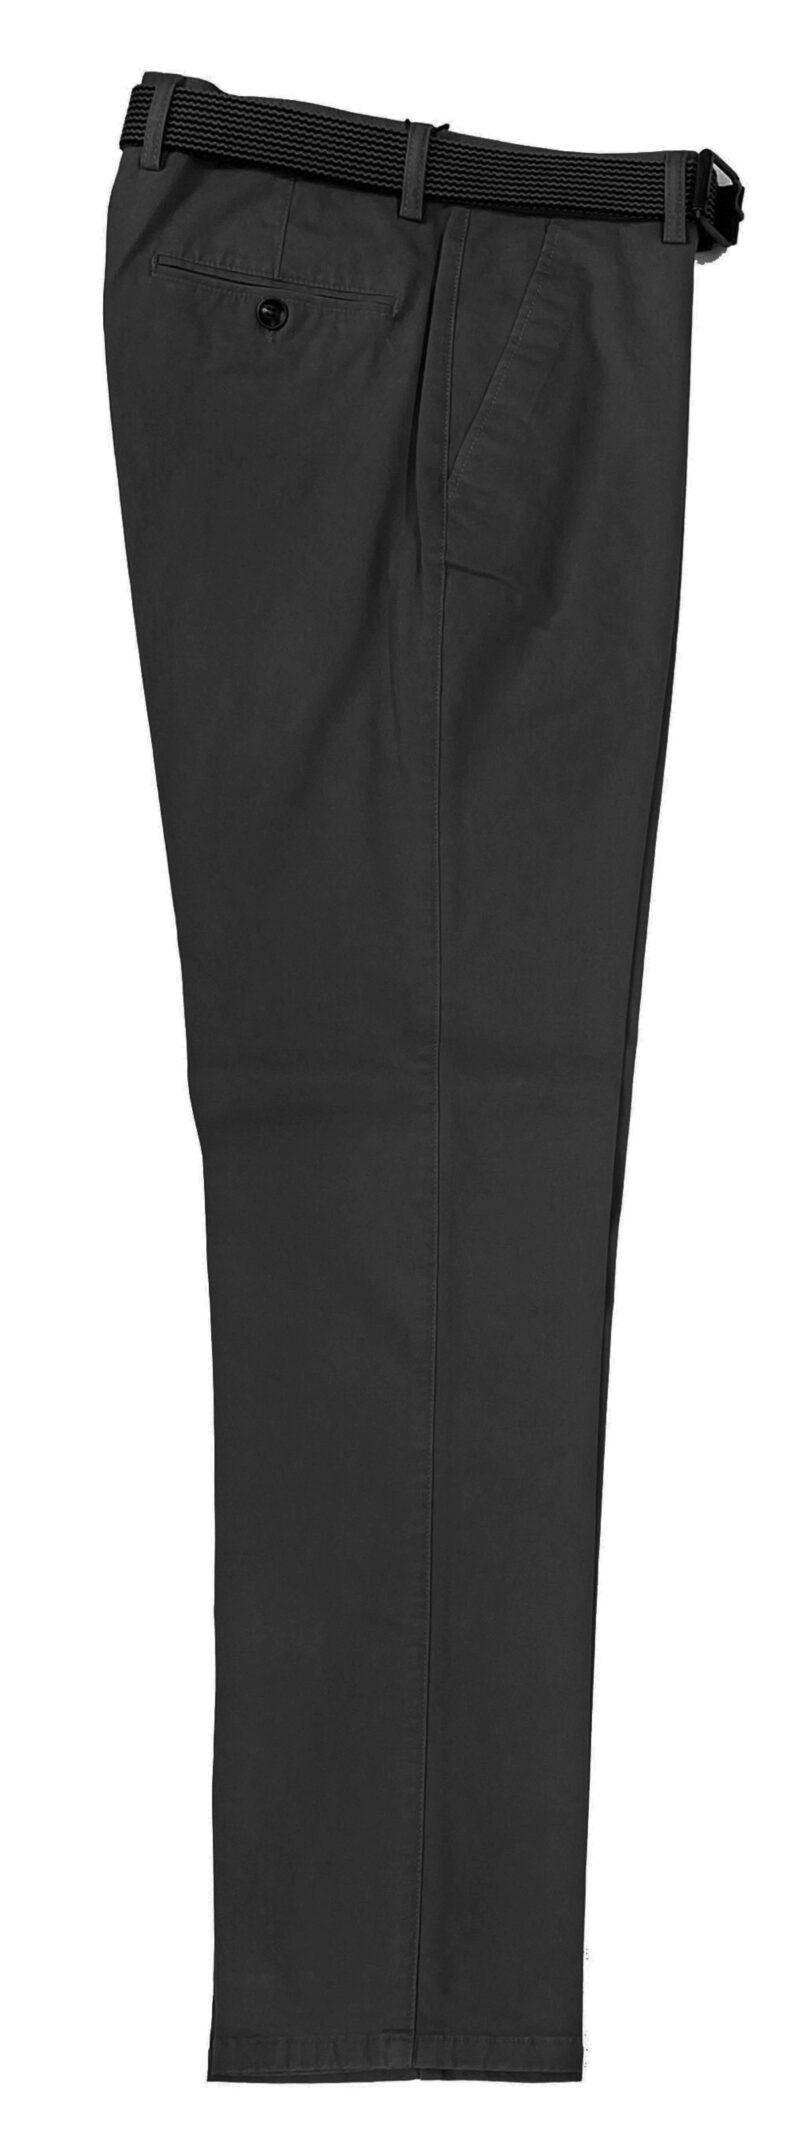 Γκρι σκούρο χειμερινό βαμβακερό παντελόνι NEW YORK TAILORS